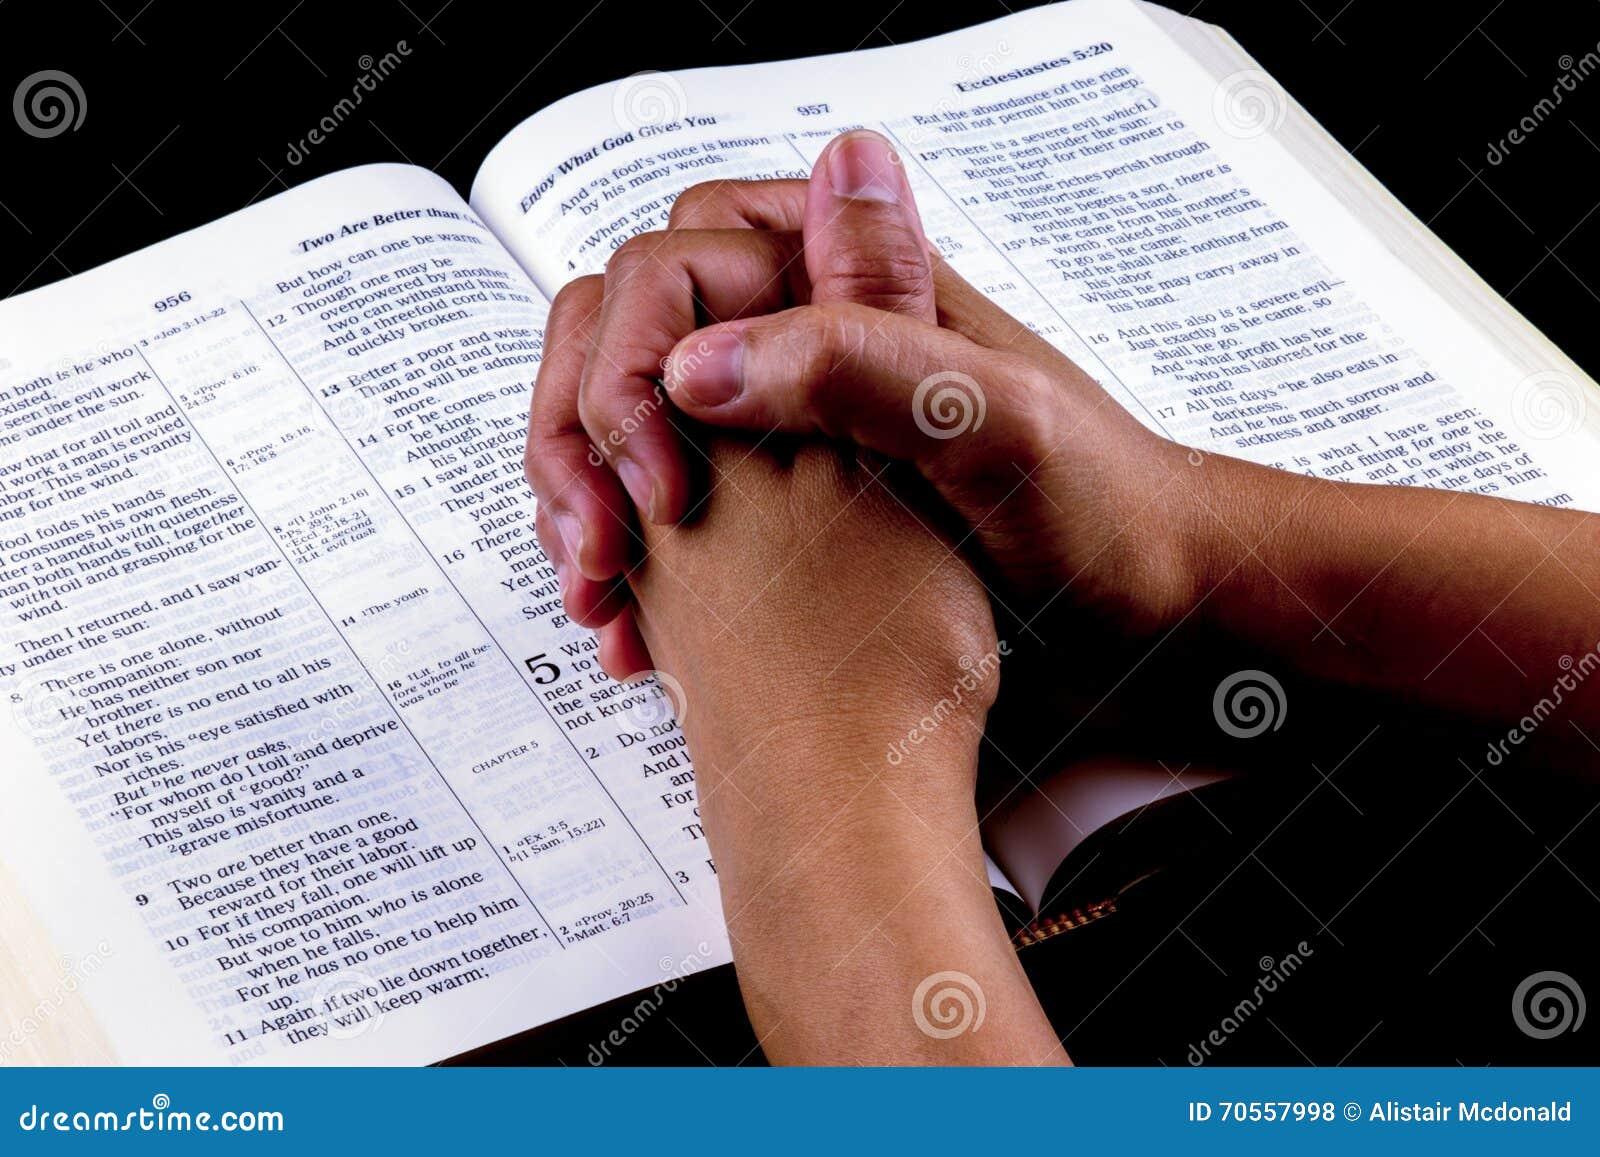 Congratulate, the asian prayer services